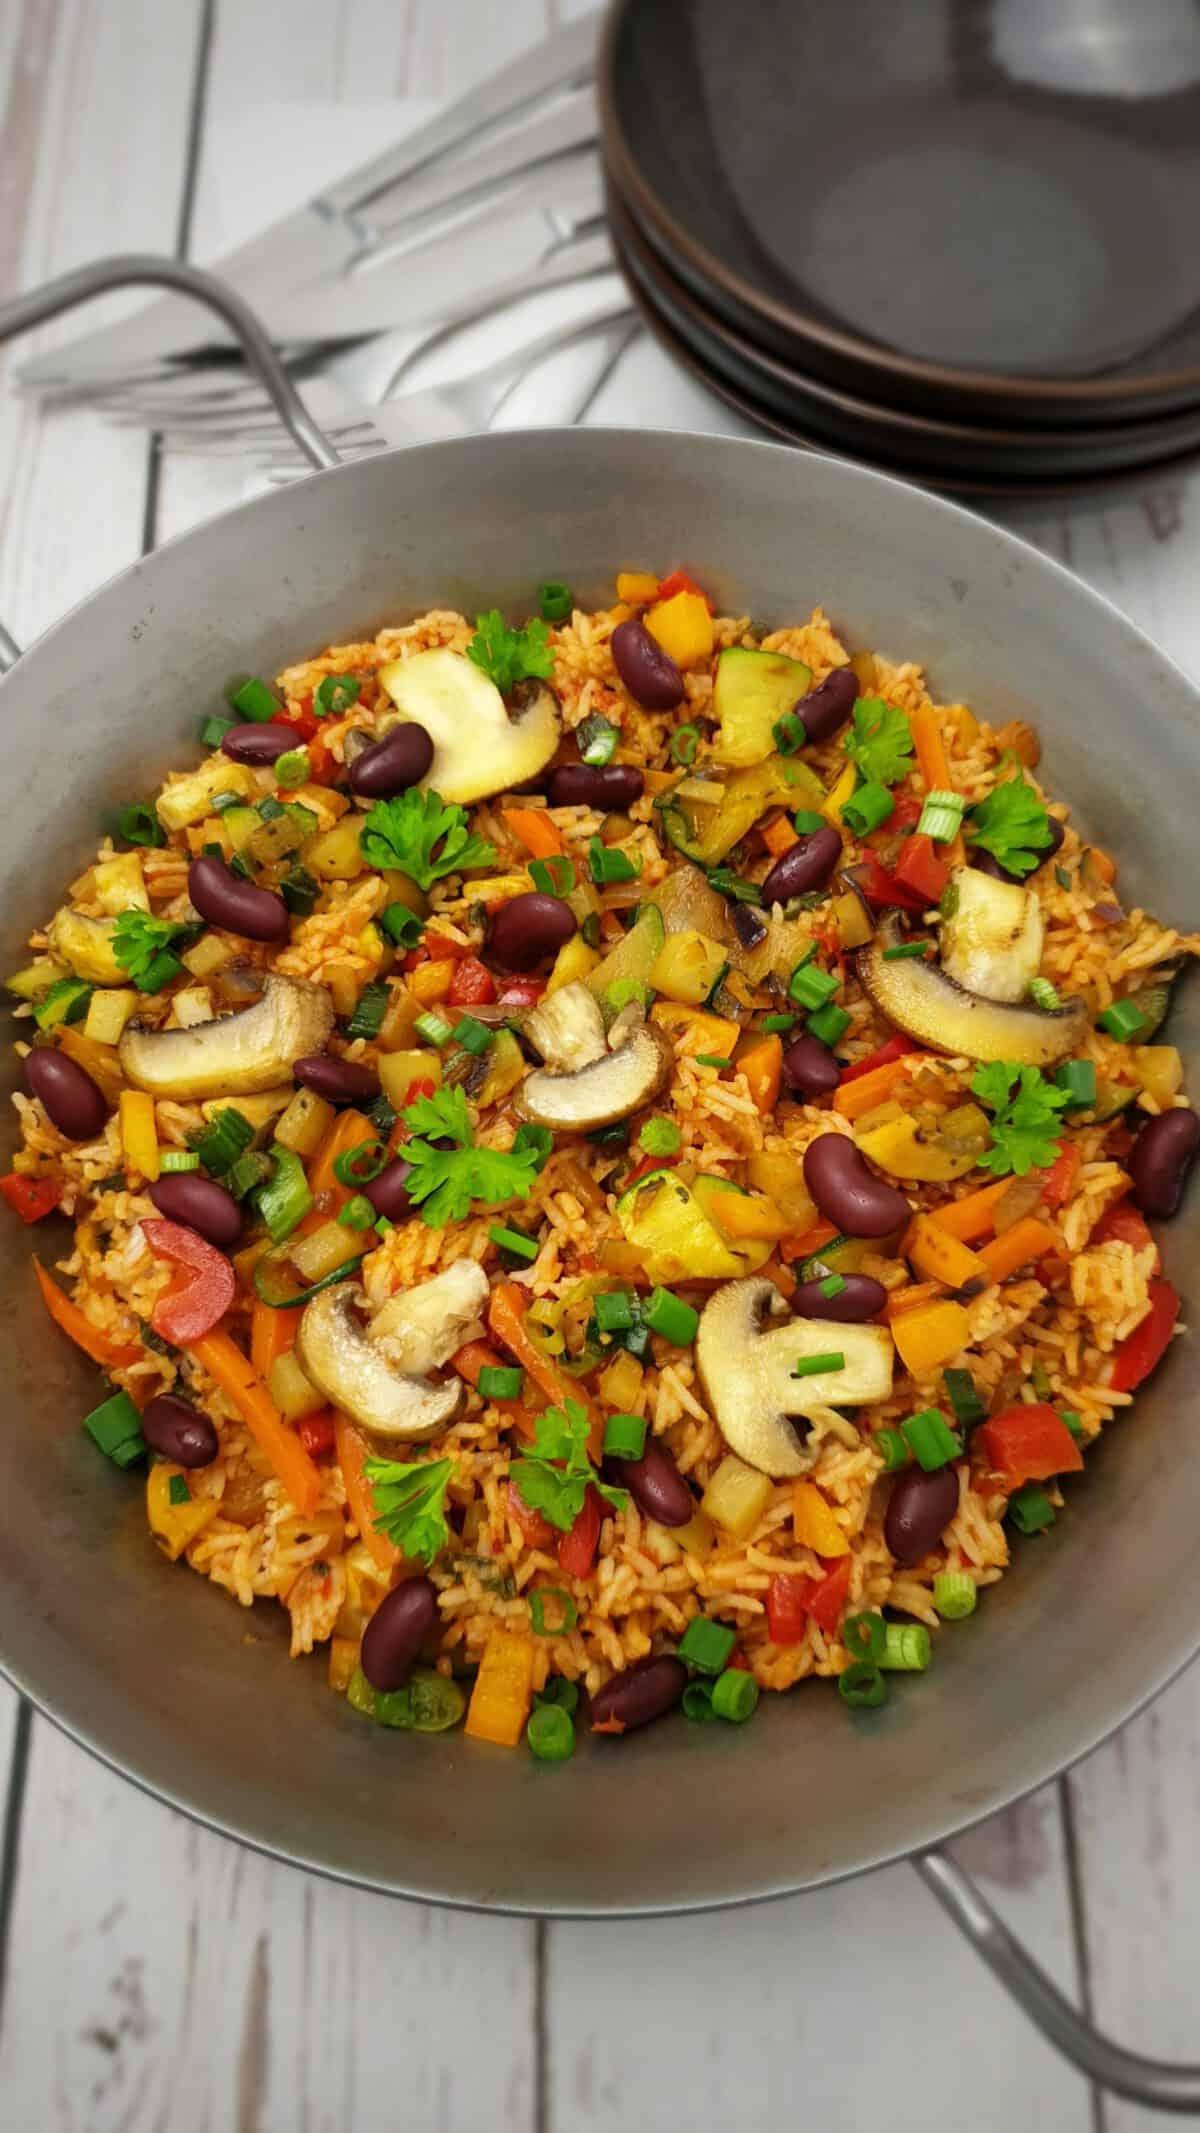 Bunte Gemüse-Reis-Pfanne mit viel Gemüse in einer Pfanne angerichtet.